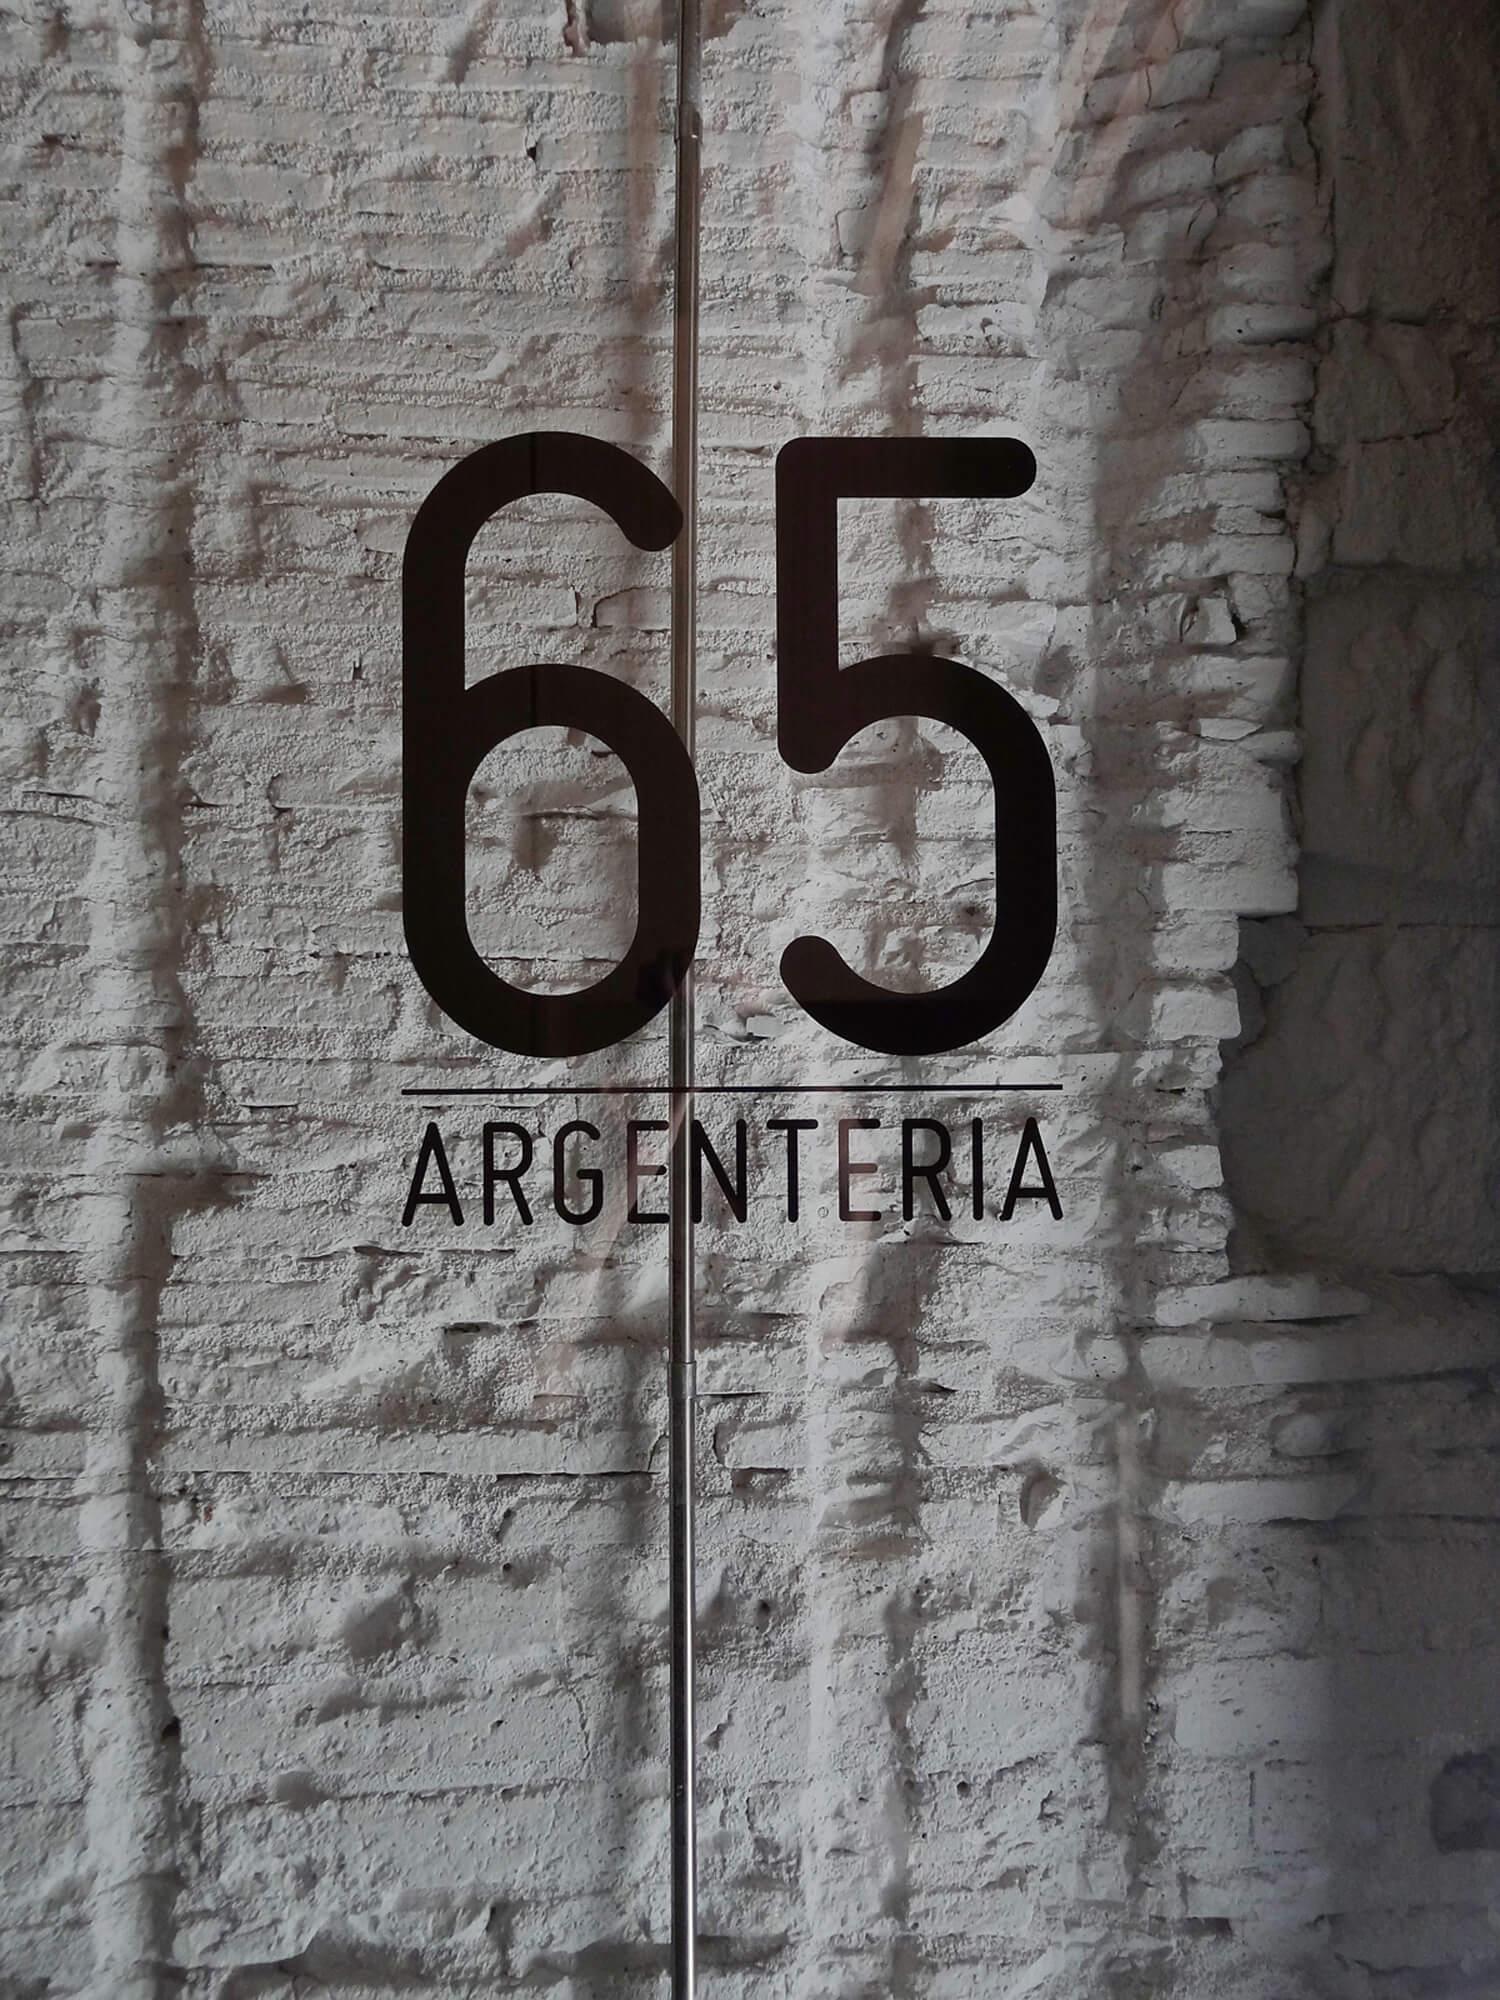 planell-hirsch_arquitectura_rehabilitacion_interiorismo_barcelona_born_argenteria_acceso_muro ladrillo_DSC04669 pm